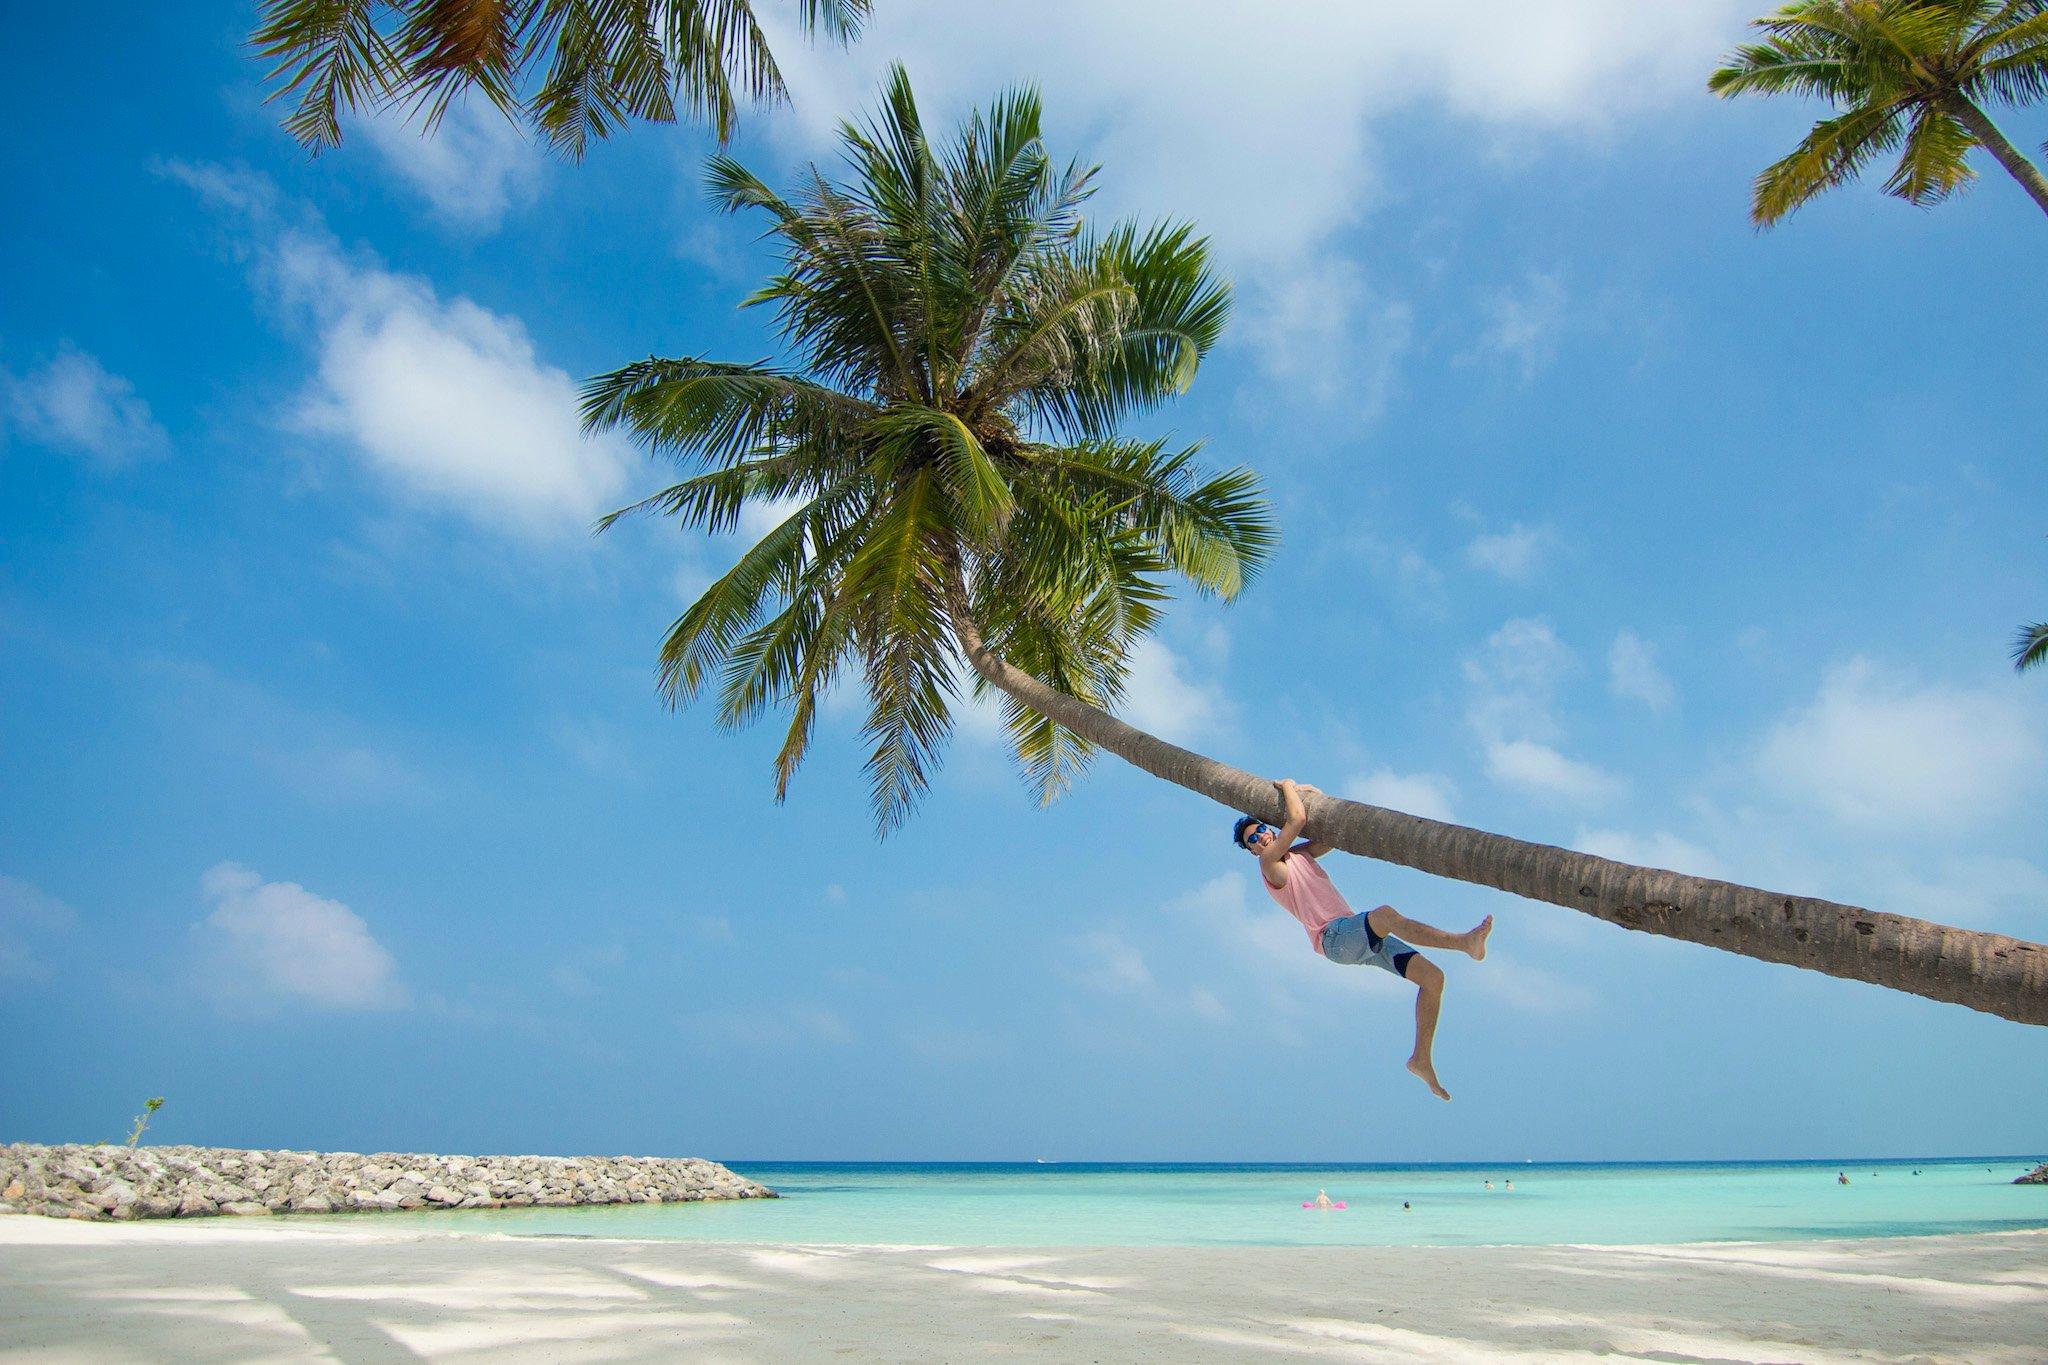 Bikini Beach, Maafushi island, Maldives